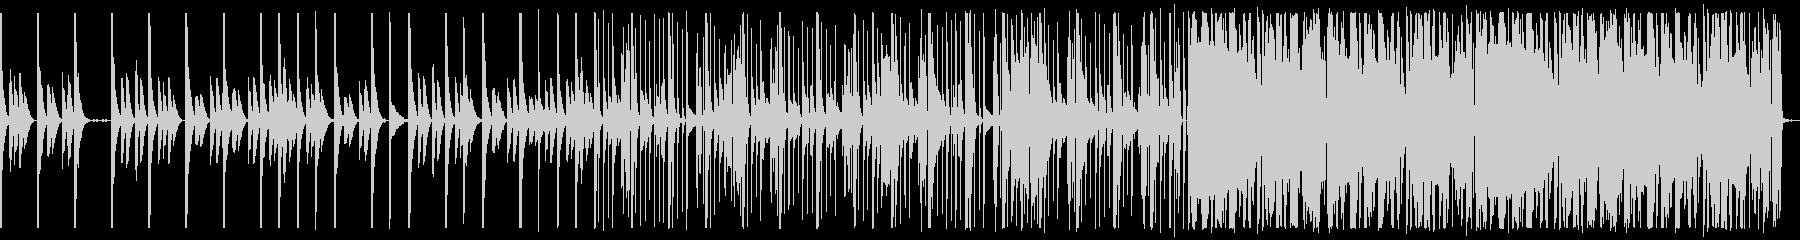 フューチャーベース_No627_2の未再生の波形